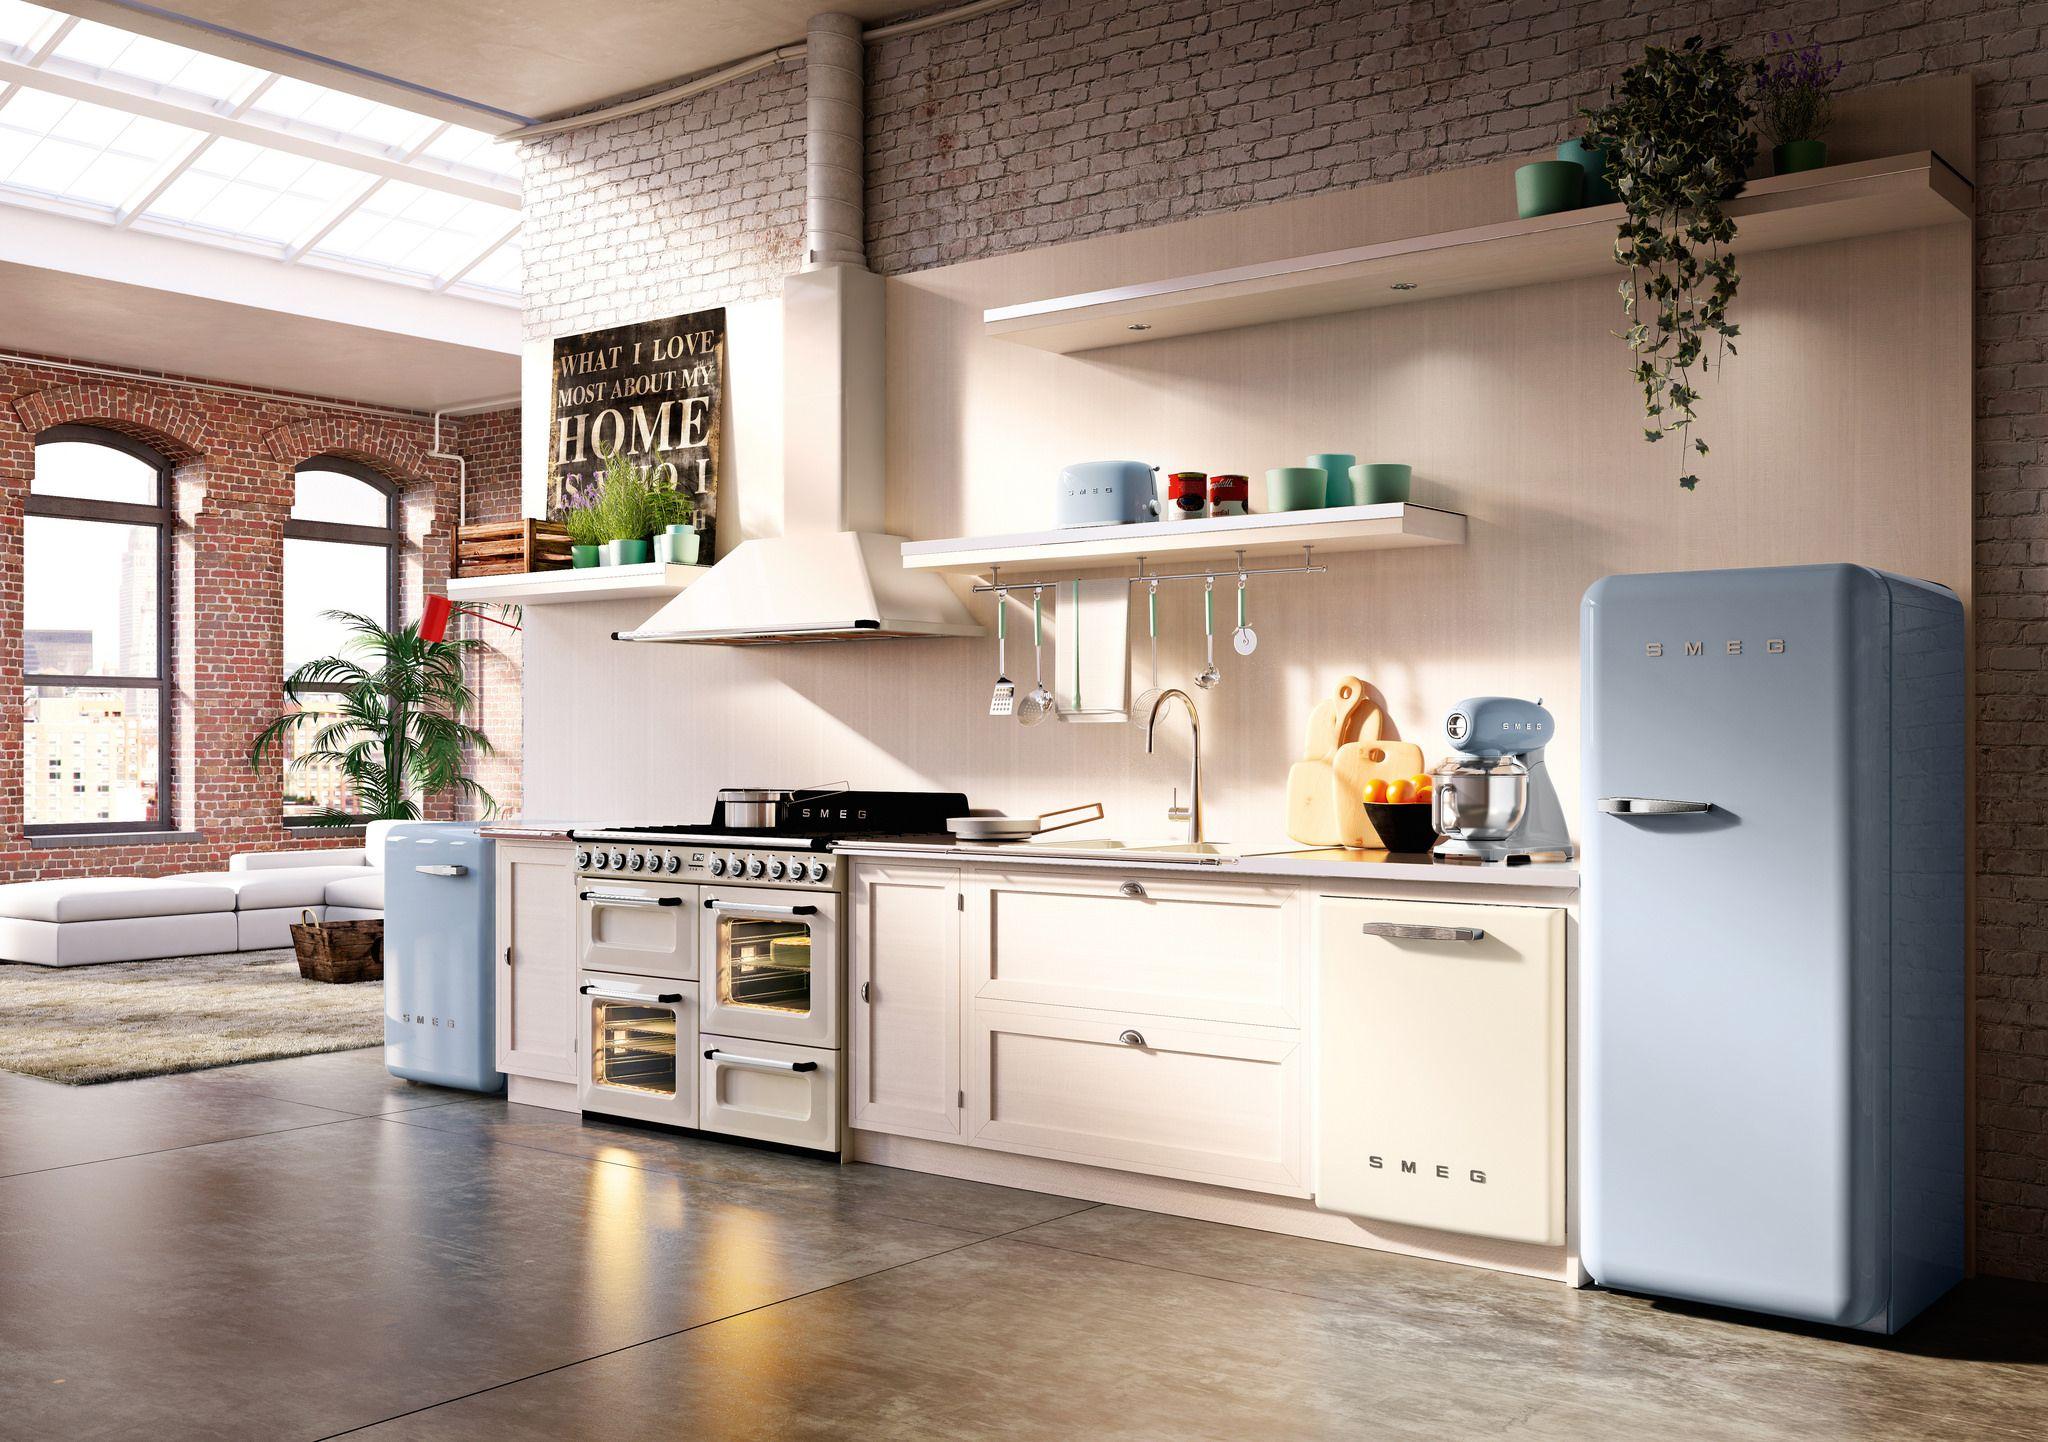 Smeg 50s style ideenwelten für küchen cocinas electrodomesticos